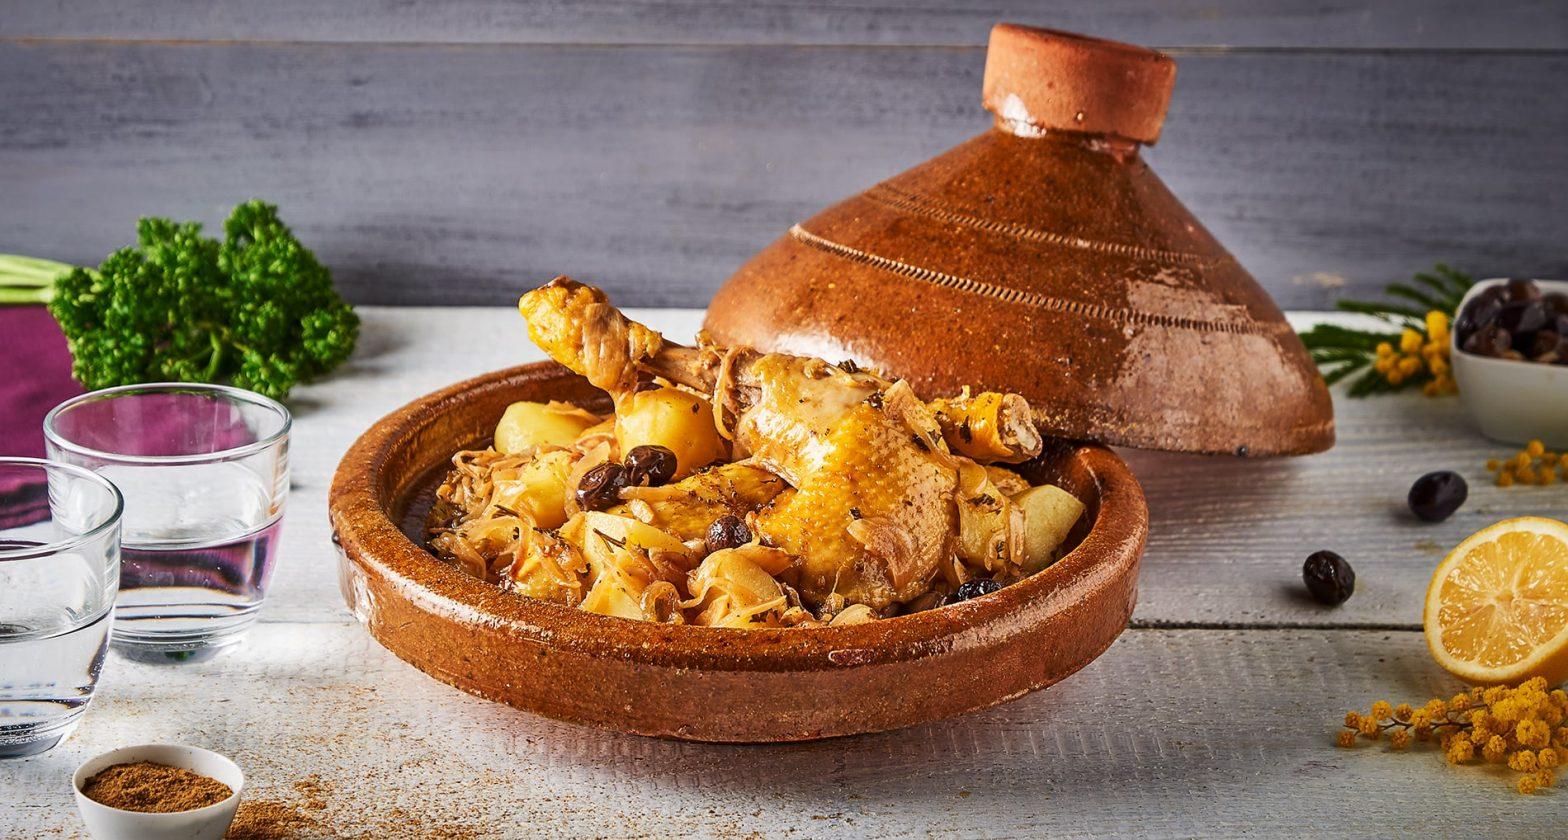 Recette traditionnelle marocaine : tajine de poulet aux épices